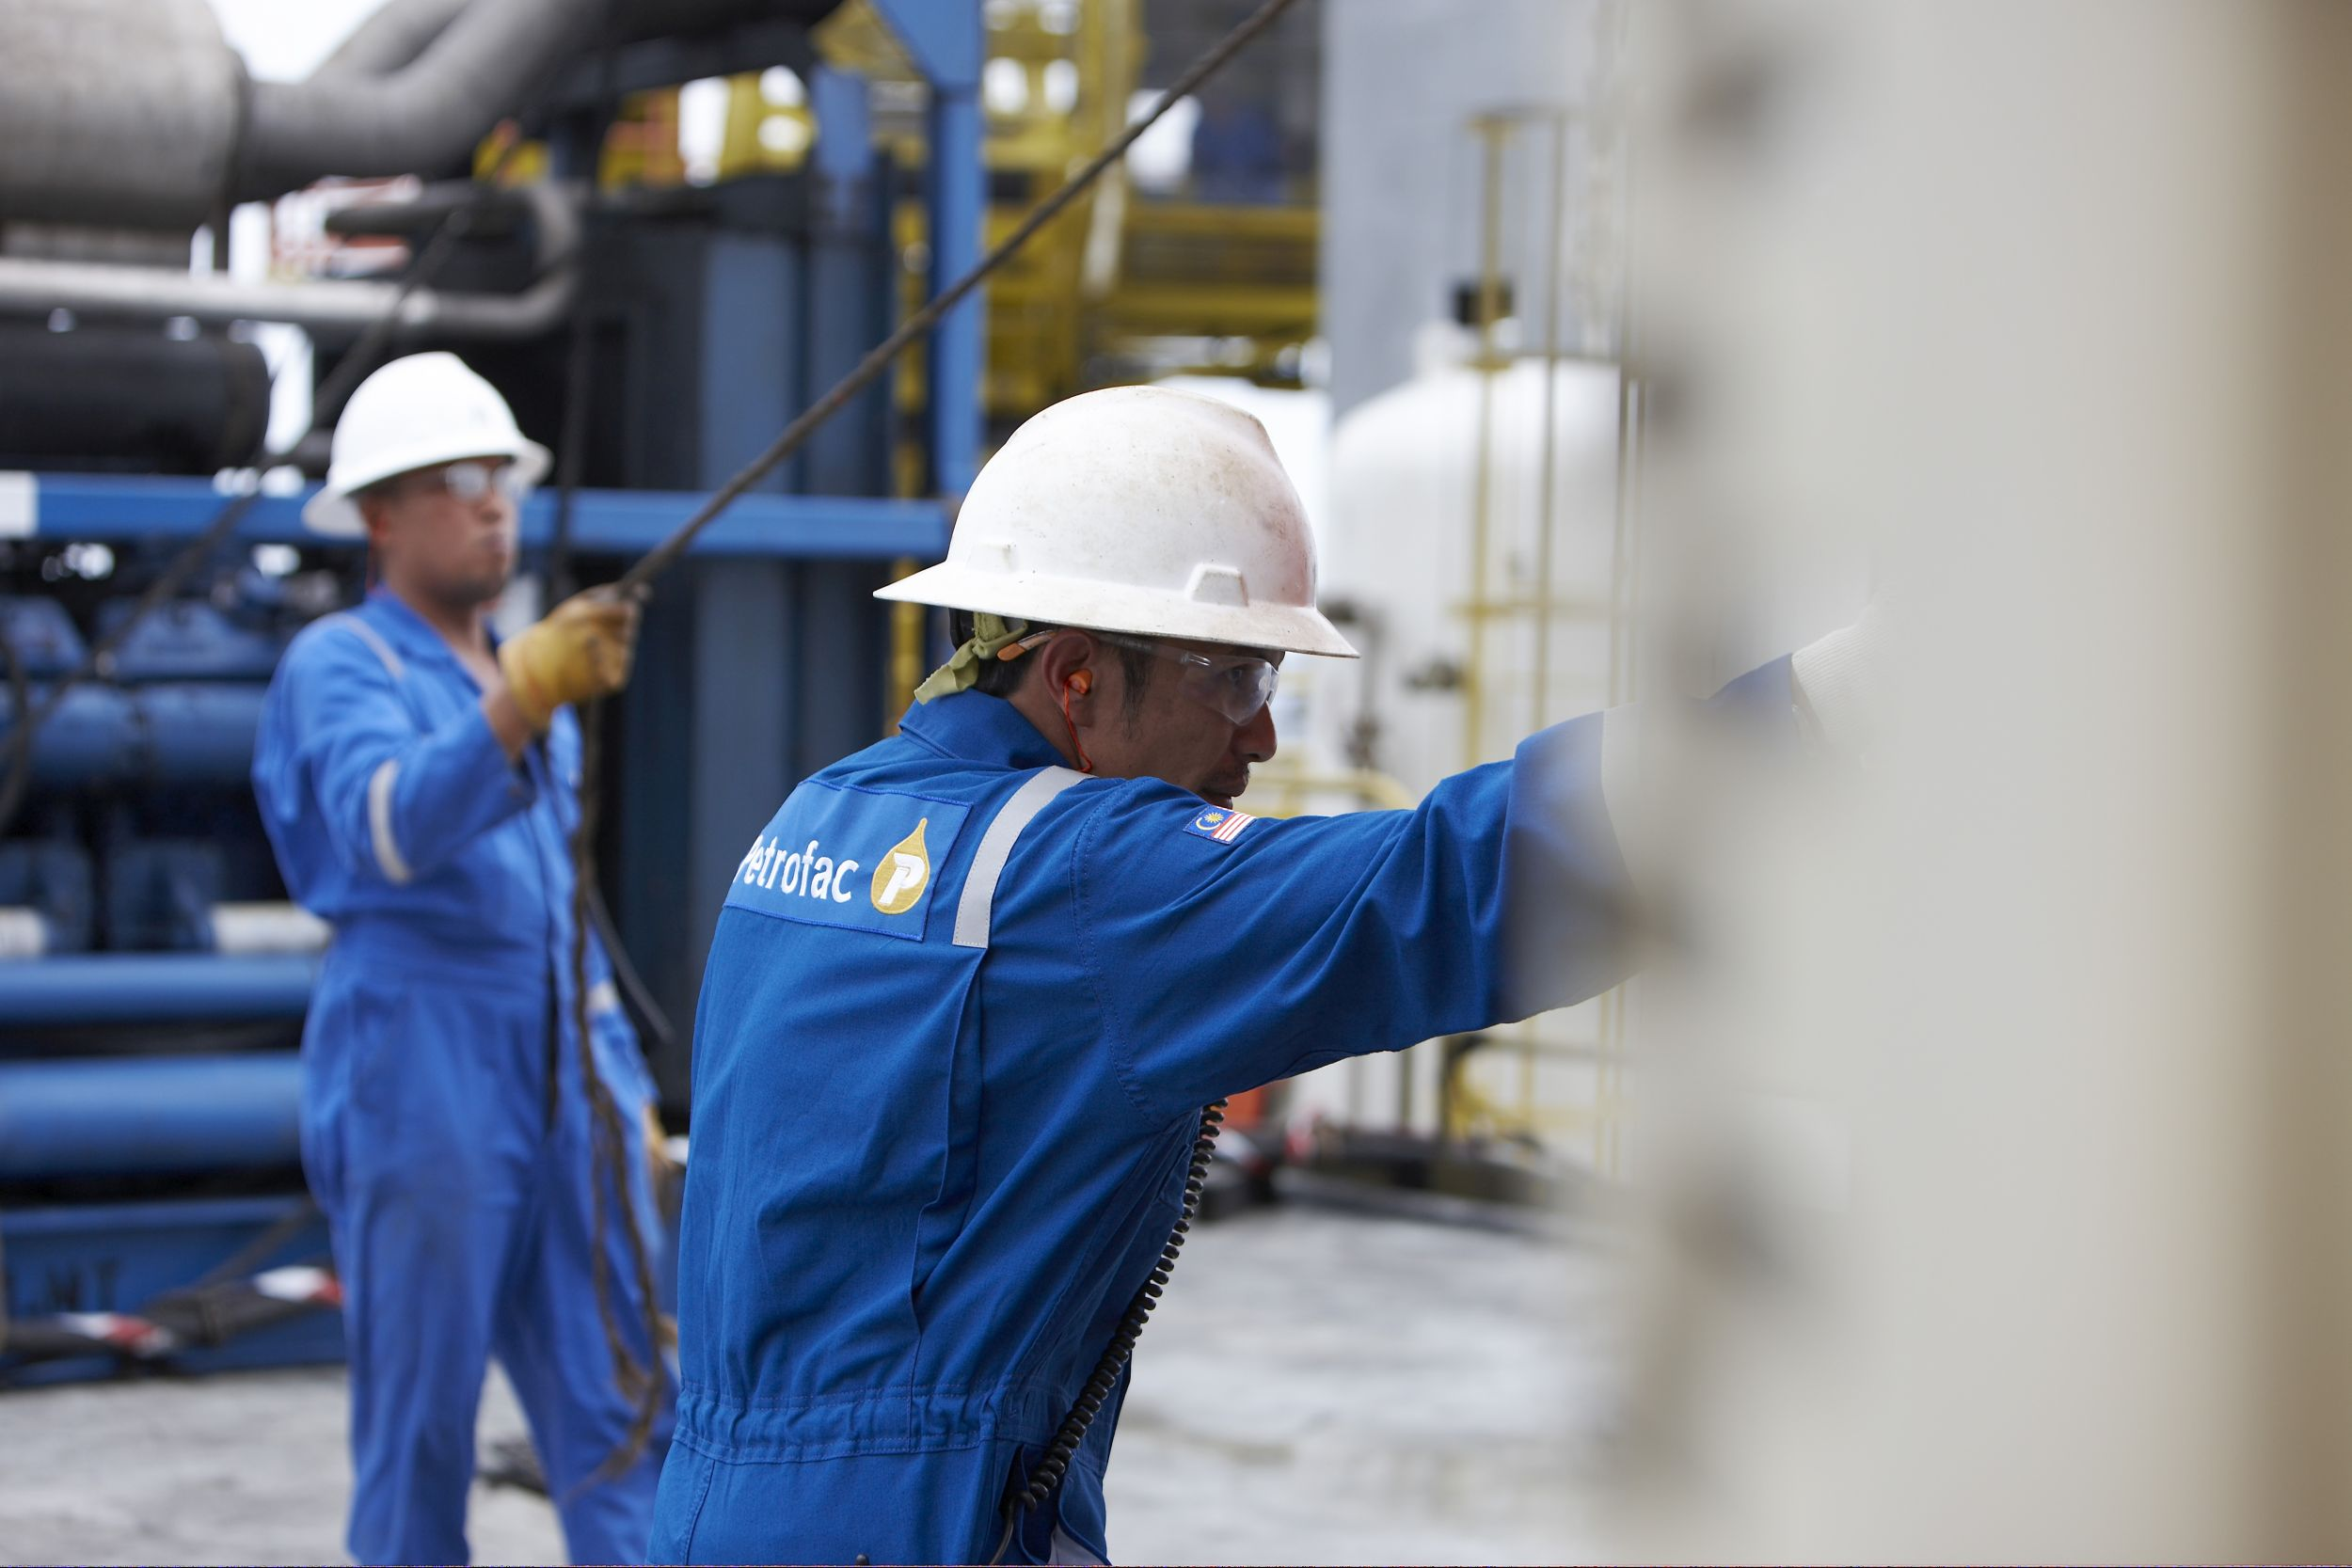 Petrofac asegura la extensión del contrato en Irak